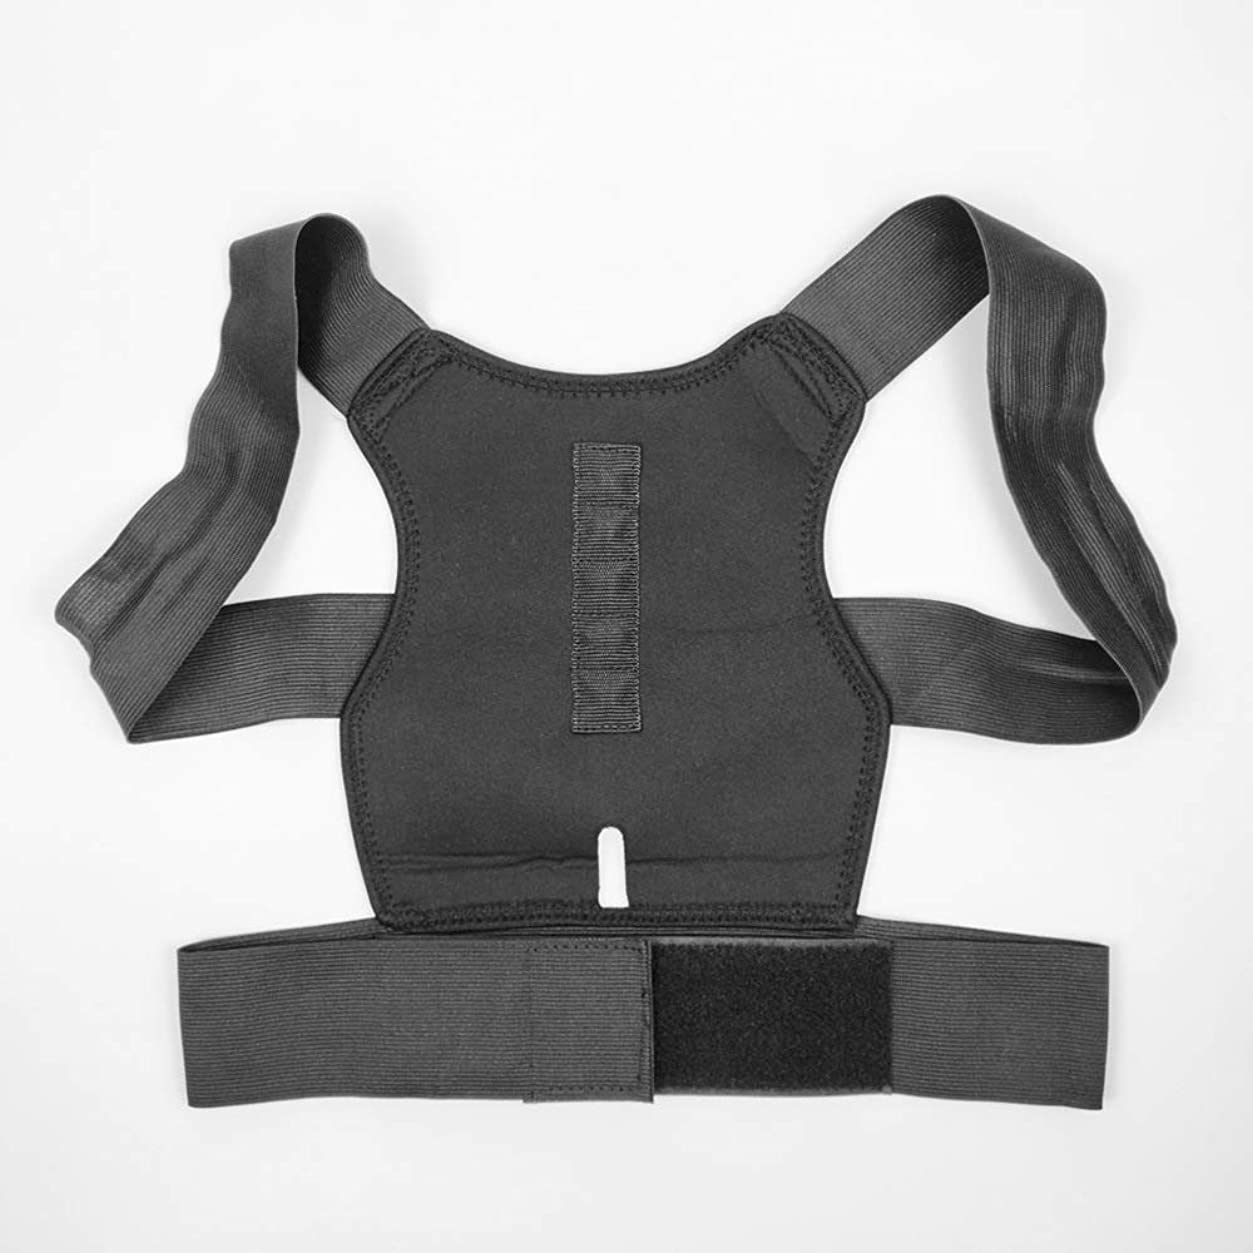 ピカソ十分にオペラ姿勢矯正理学療法調節可能バックブレースサポート肩や首の痛みを軽減(ワンサイズ)